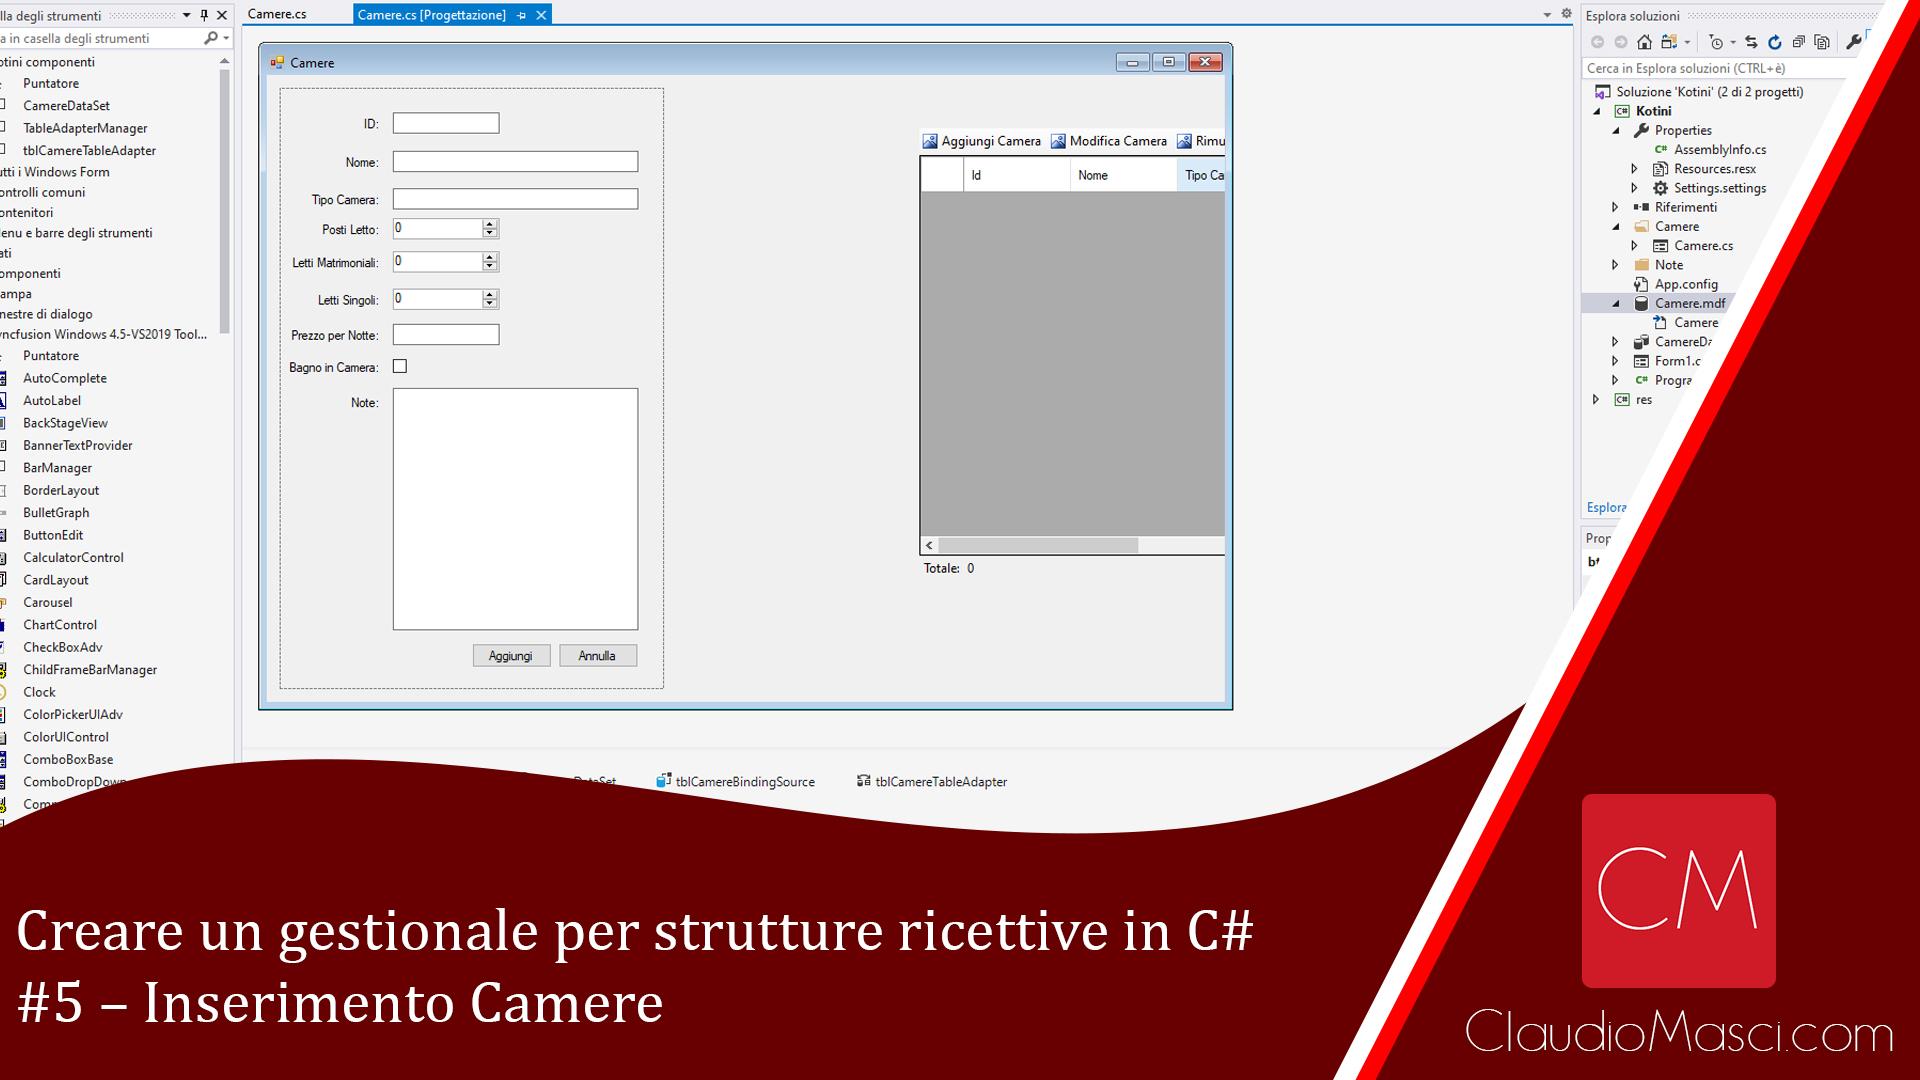 Creare un gestionale per strutture ricettive in C# – #5 – Inserimento Camere